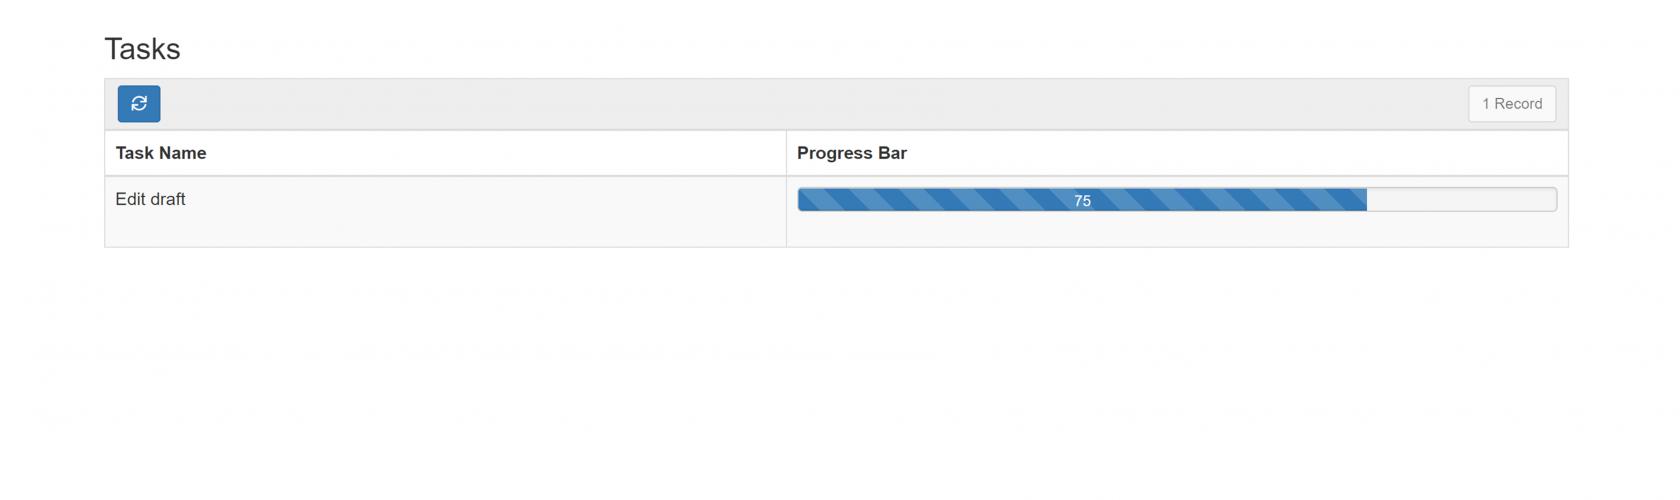 slider-format-results.png